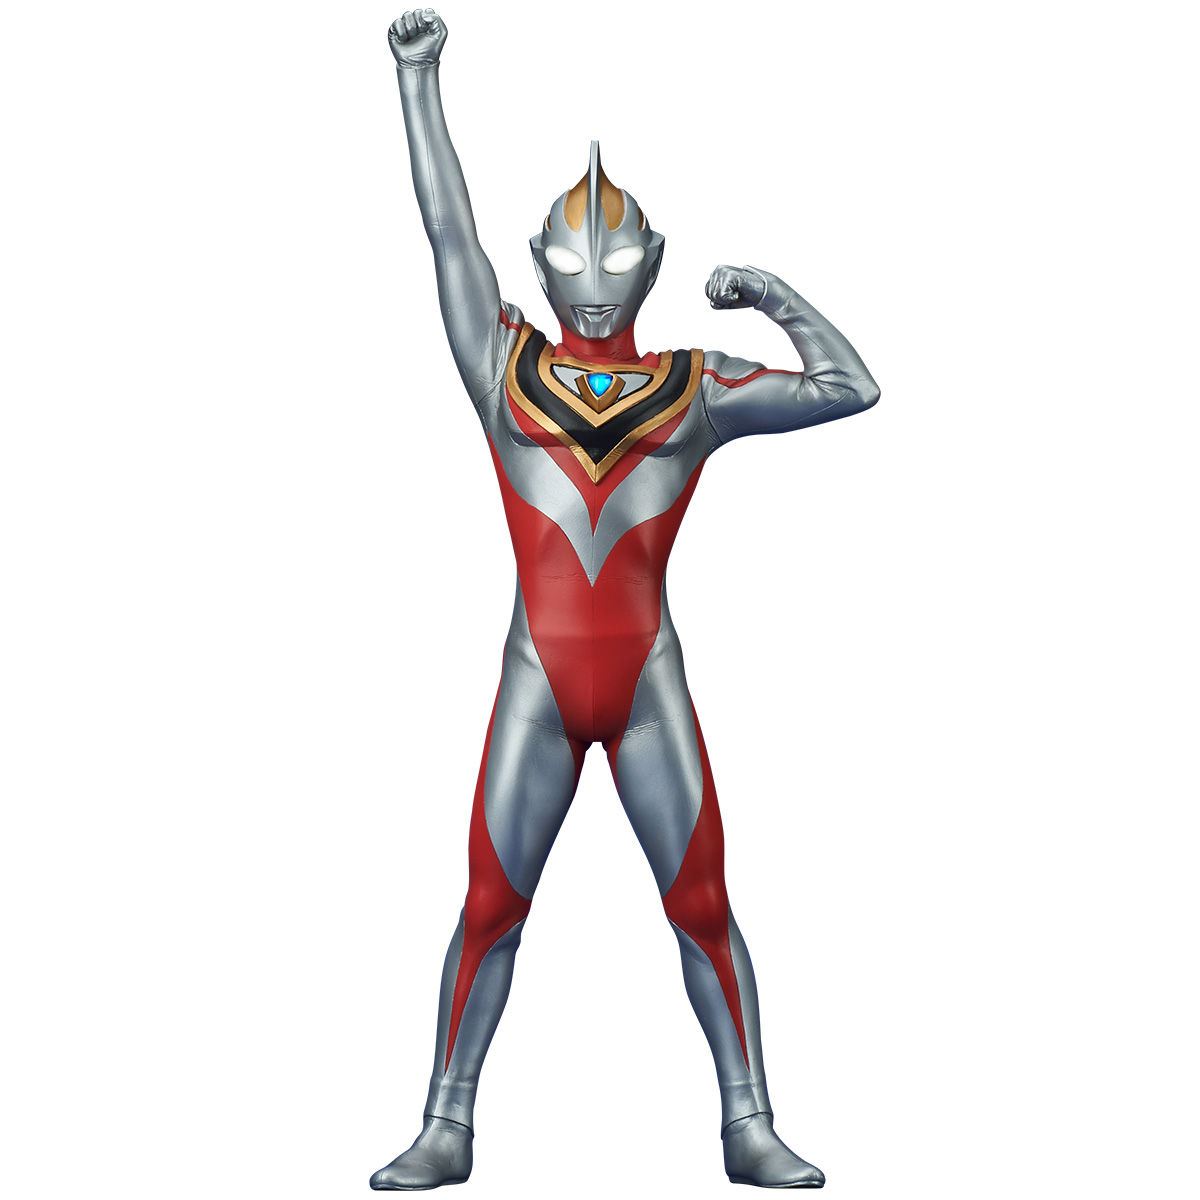 大怪獣シリーズ ULTRA NEW GENERATION『ウルトラマンガイア(V2)登場ポーズ』完成品フィギュア-001